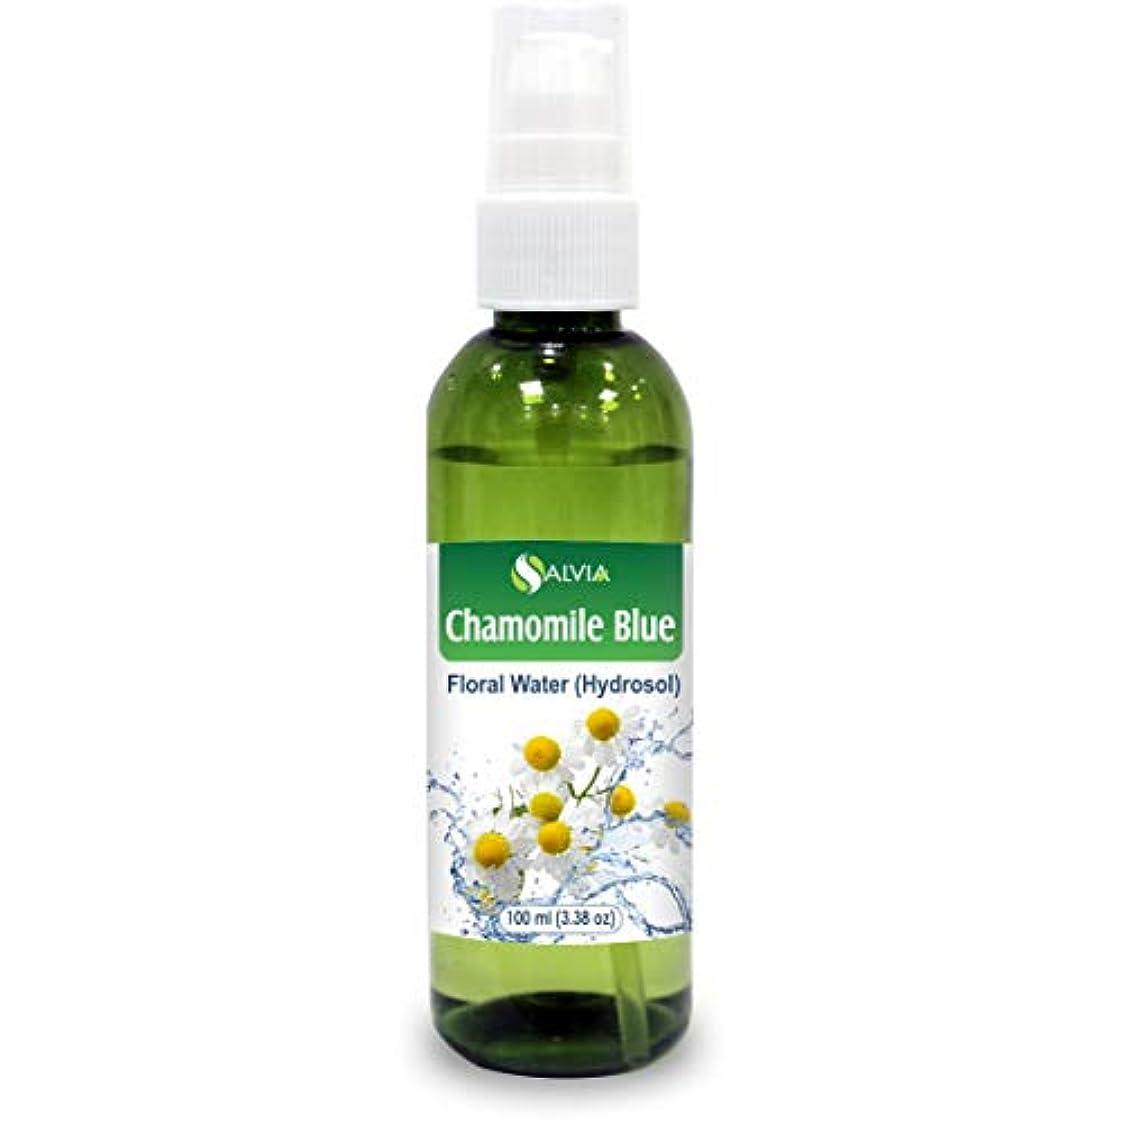 マート契約したブームChamomile Oil, Blue Floral Water 100ml (Hydrosol) 100% Pure And Natural